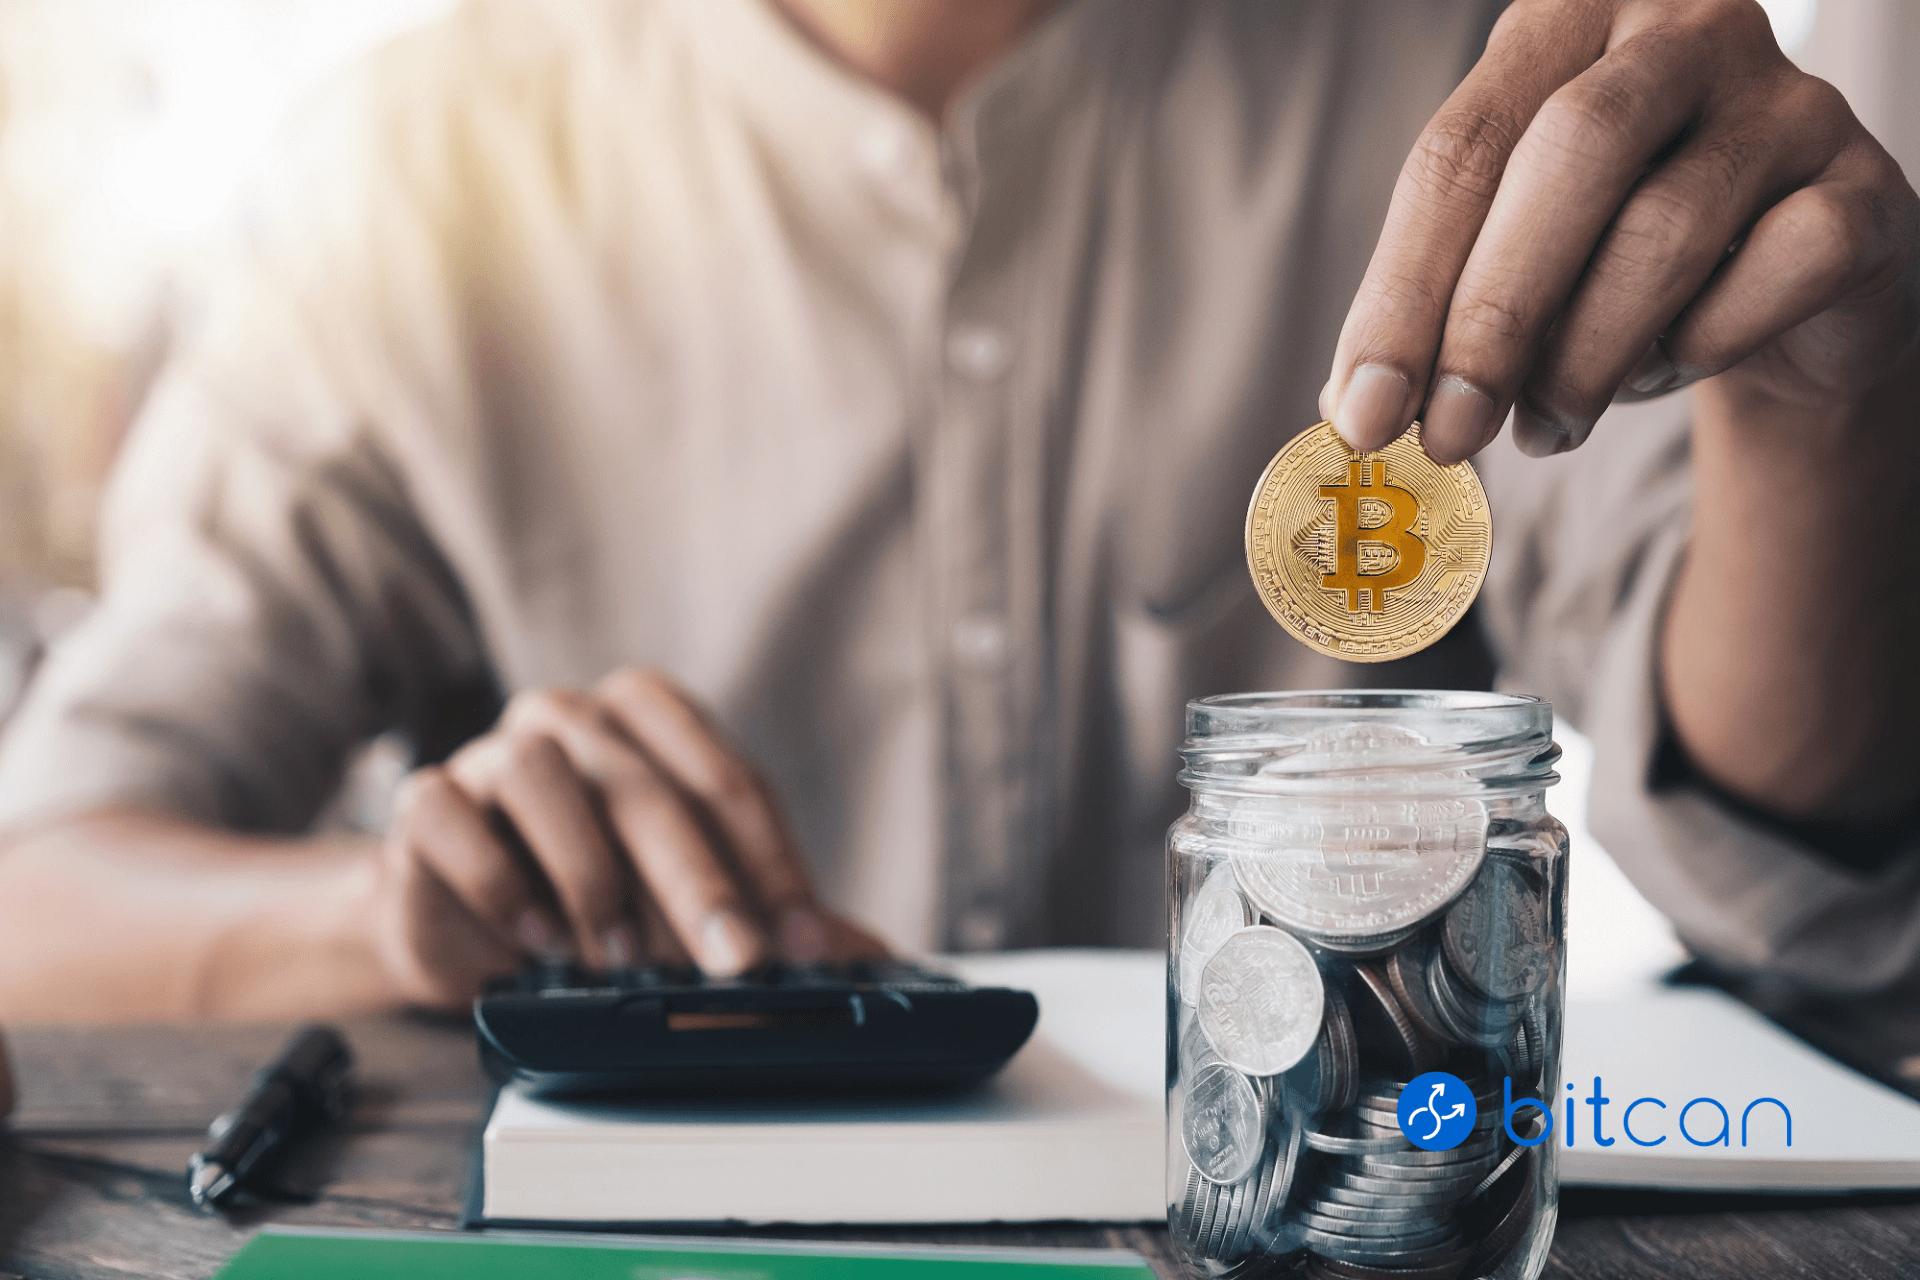 Kurs kryptowalut – jak inwestować w bitcoiny, żeby nie stracić?